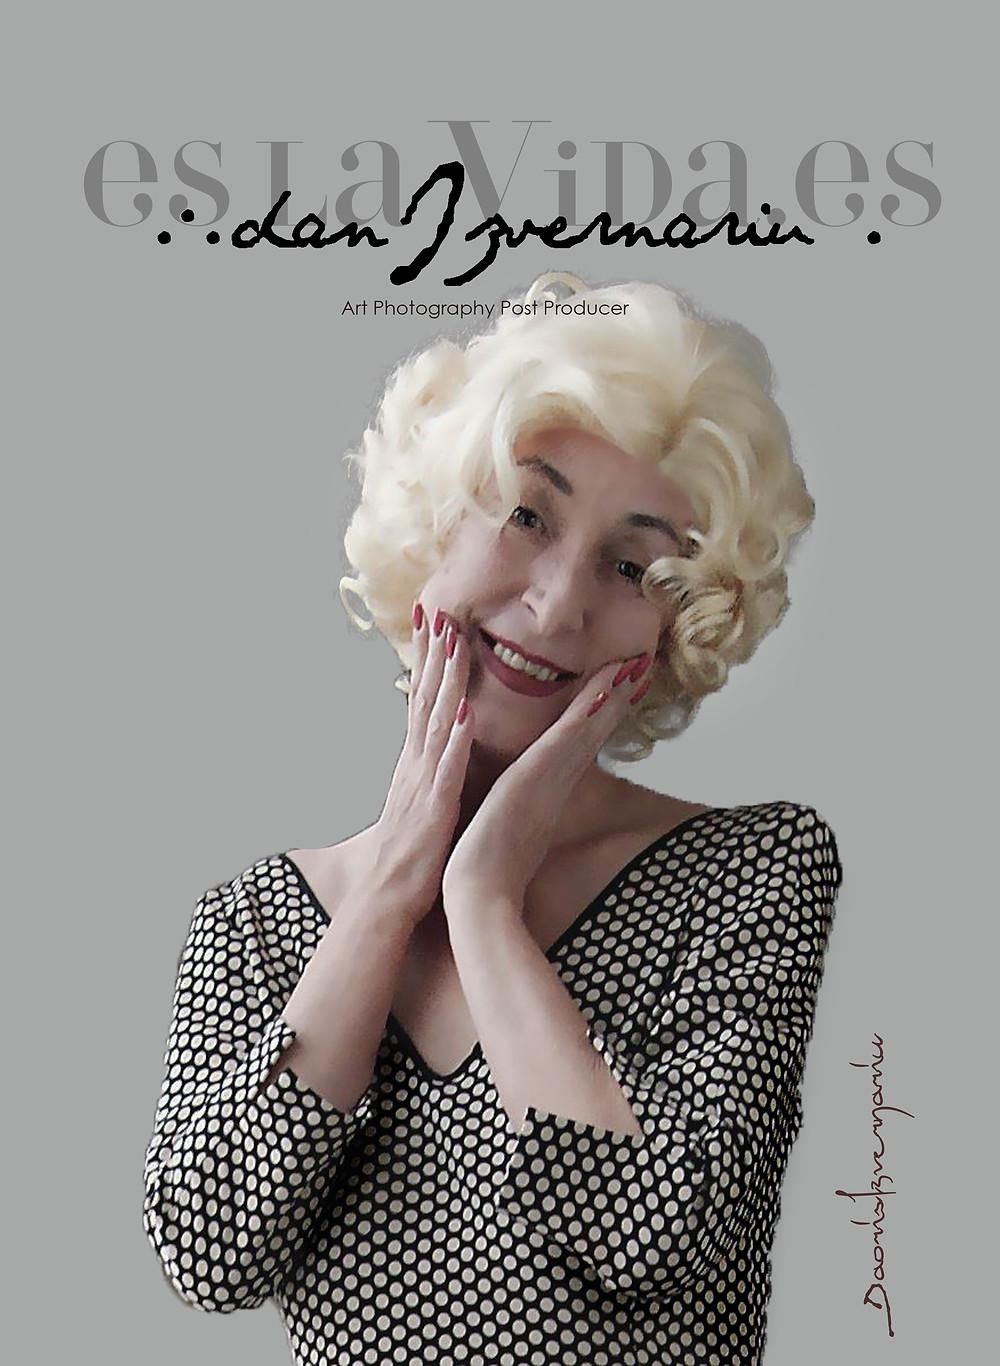 Doris Izvernariu (Marlyn) New Look Project by M ∴ B ∴Dan Izvernariu (Merlin) Madrid 2018 Ian No Photoshop